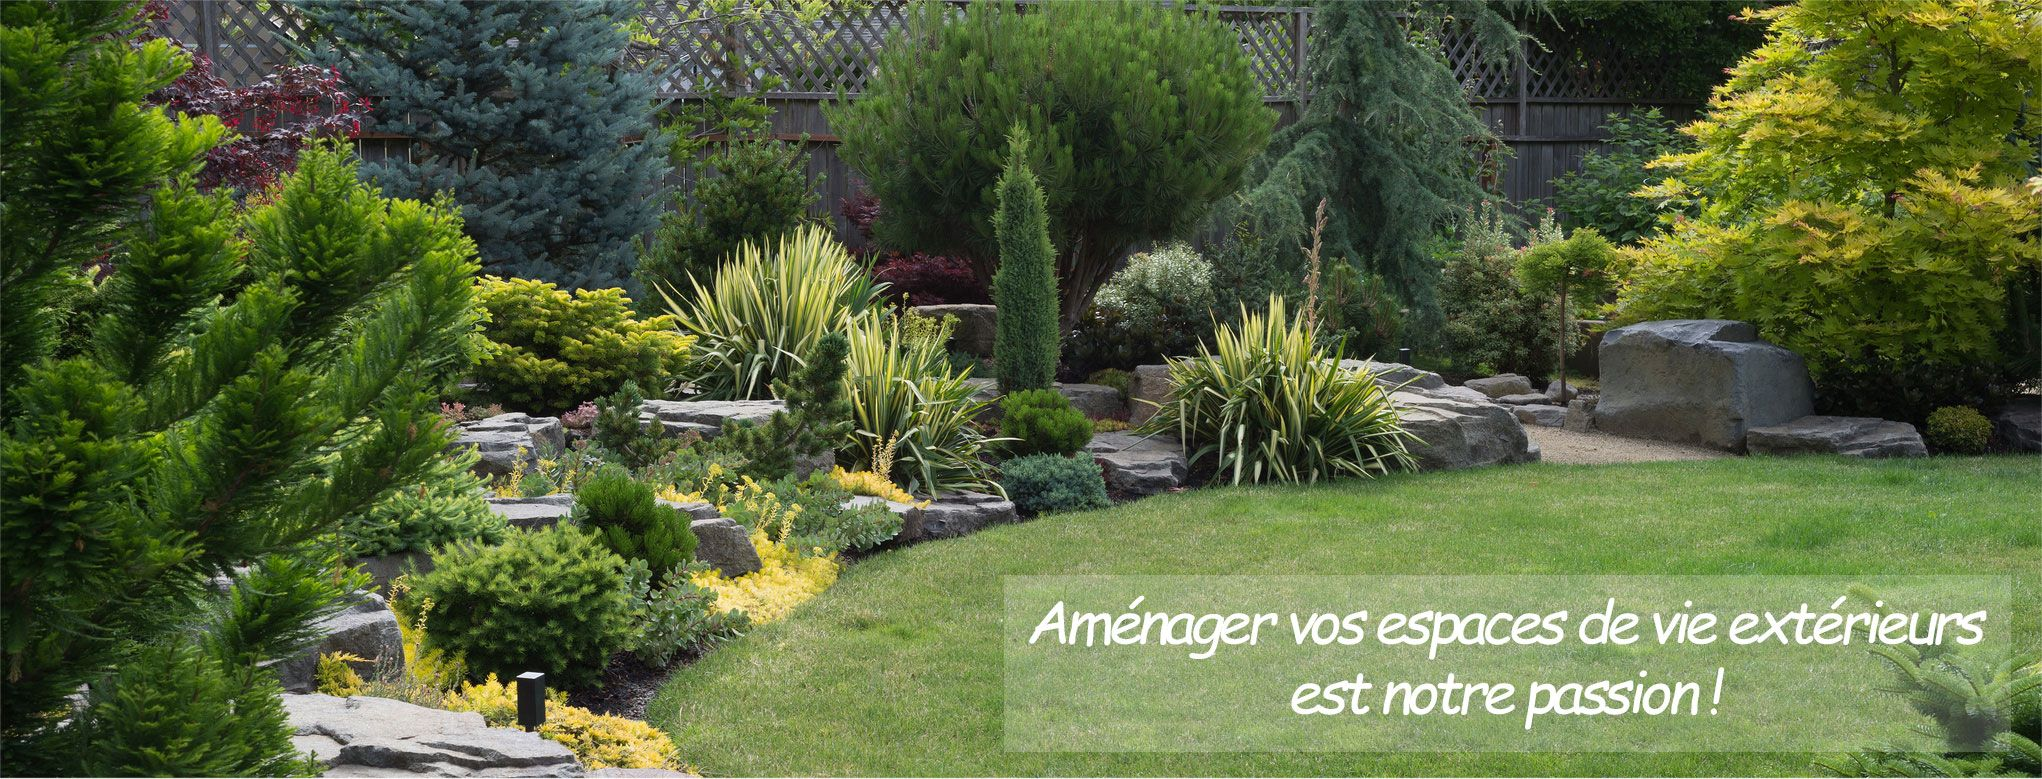 Superieur Paysagiste 78   Urban Paysage Aménage La Déco De Votre Jardin. Scénographie  Lumineuse, Garden Staging, Toiture Végétale Et Maçonnerie Paysagère En  Yvelines.